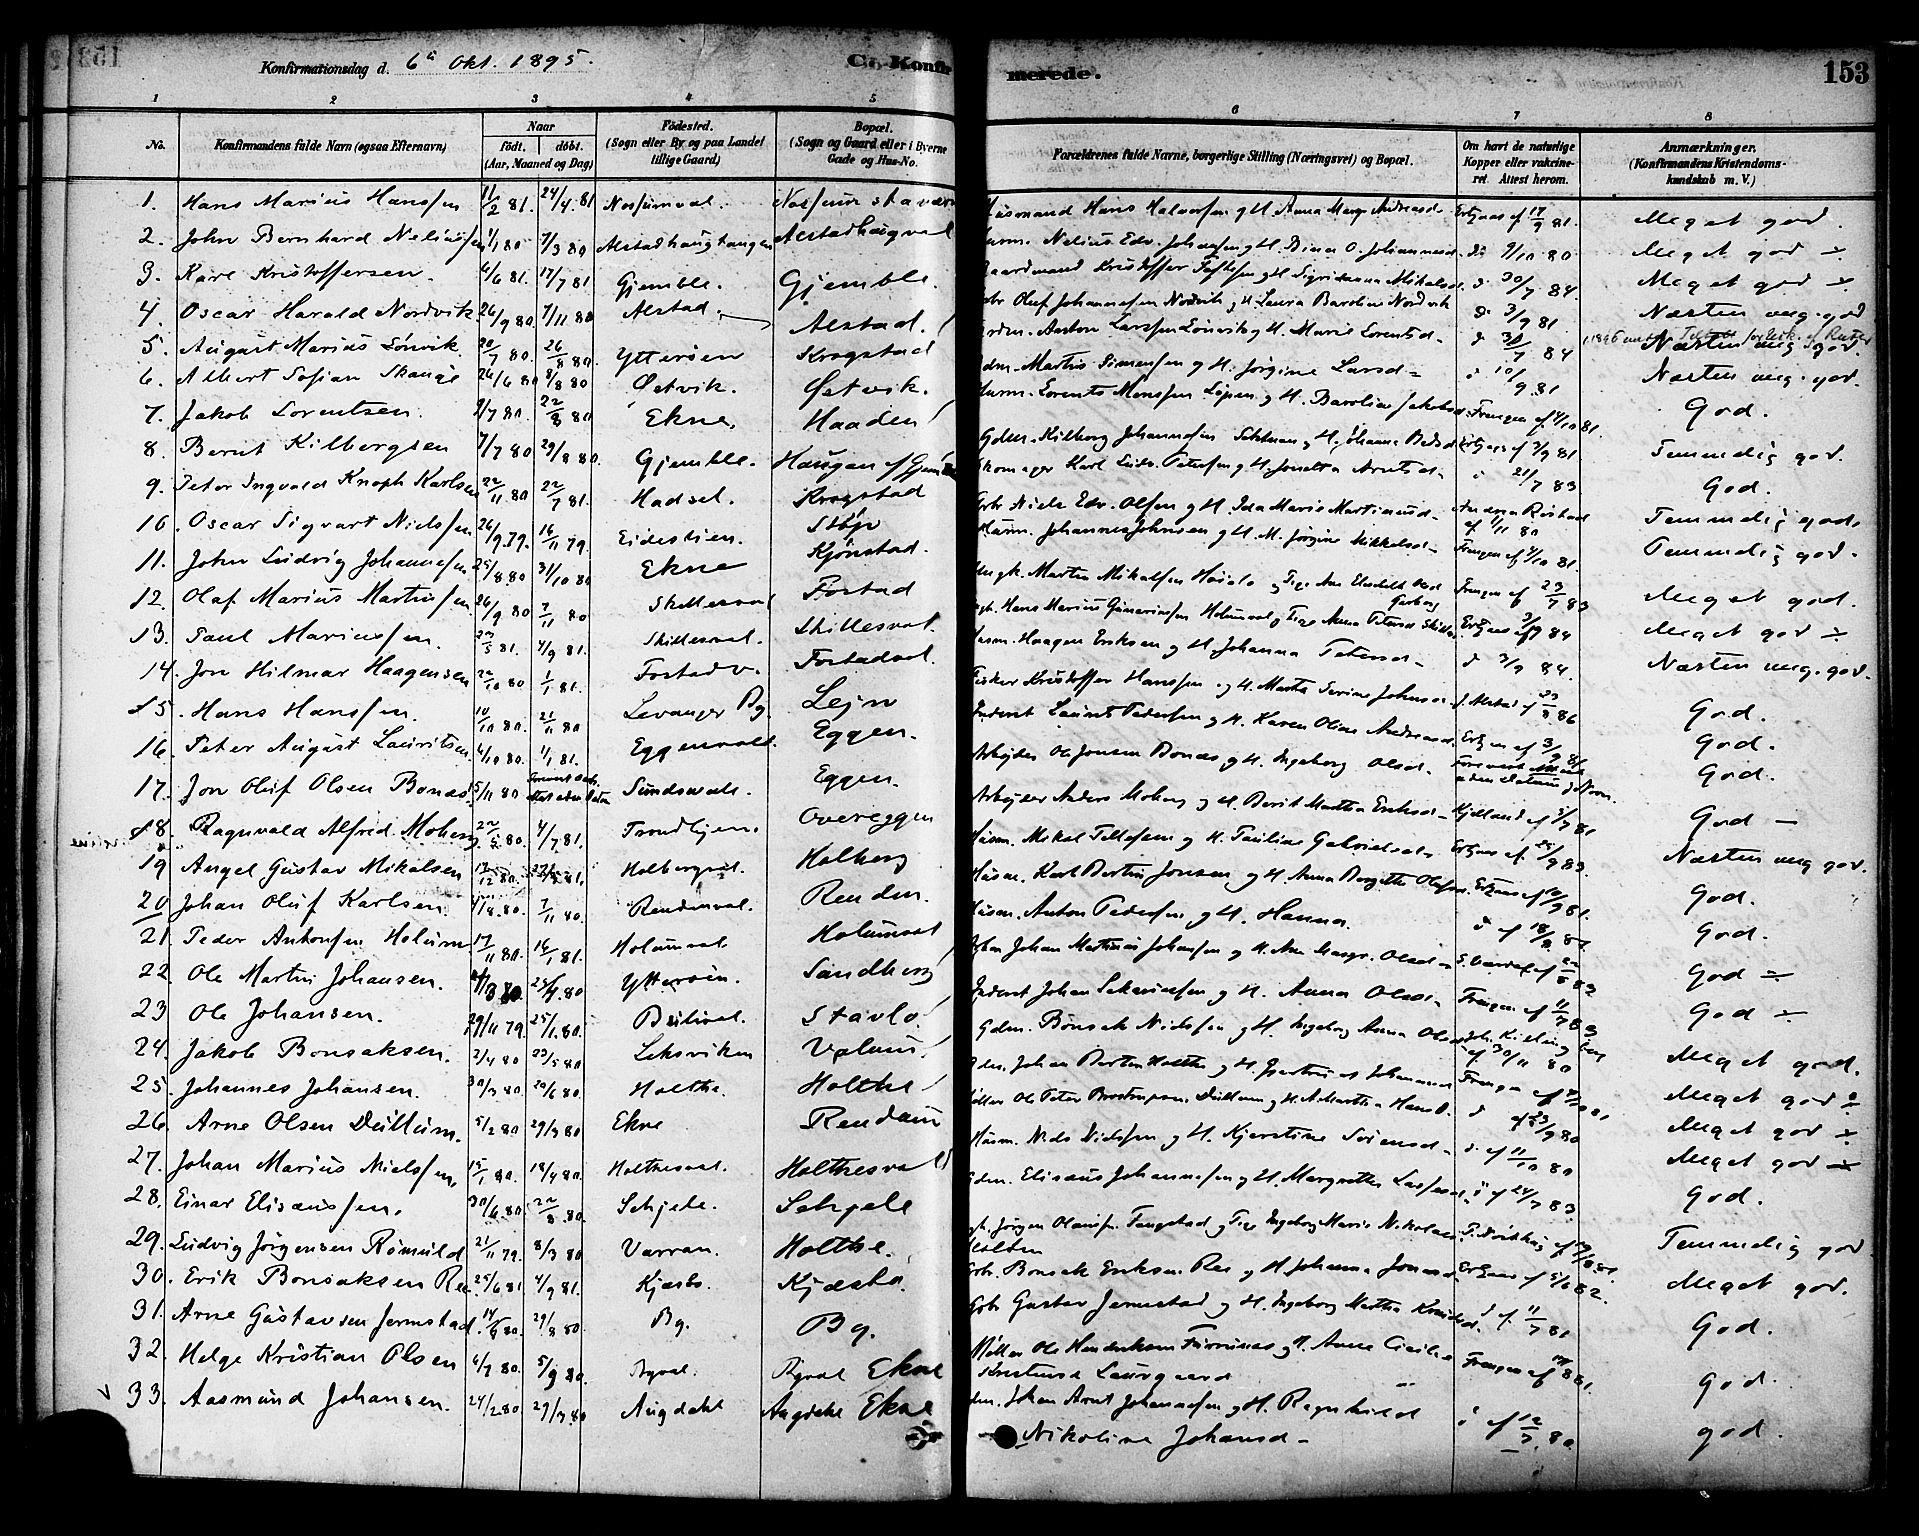 SAT, Ministerialprotokoller, klokkerbøker og fødselsregistre - Nord-Trøndelag, 717/L0159: Ministerialbok nr. 717A09, 1878-1898, s. 153